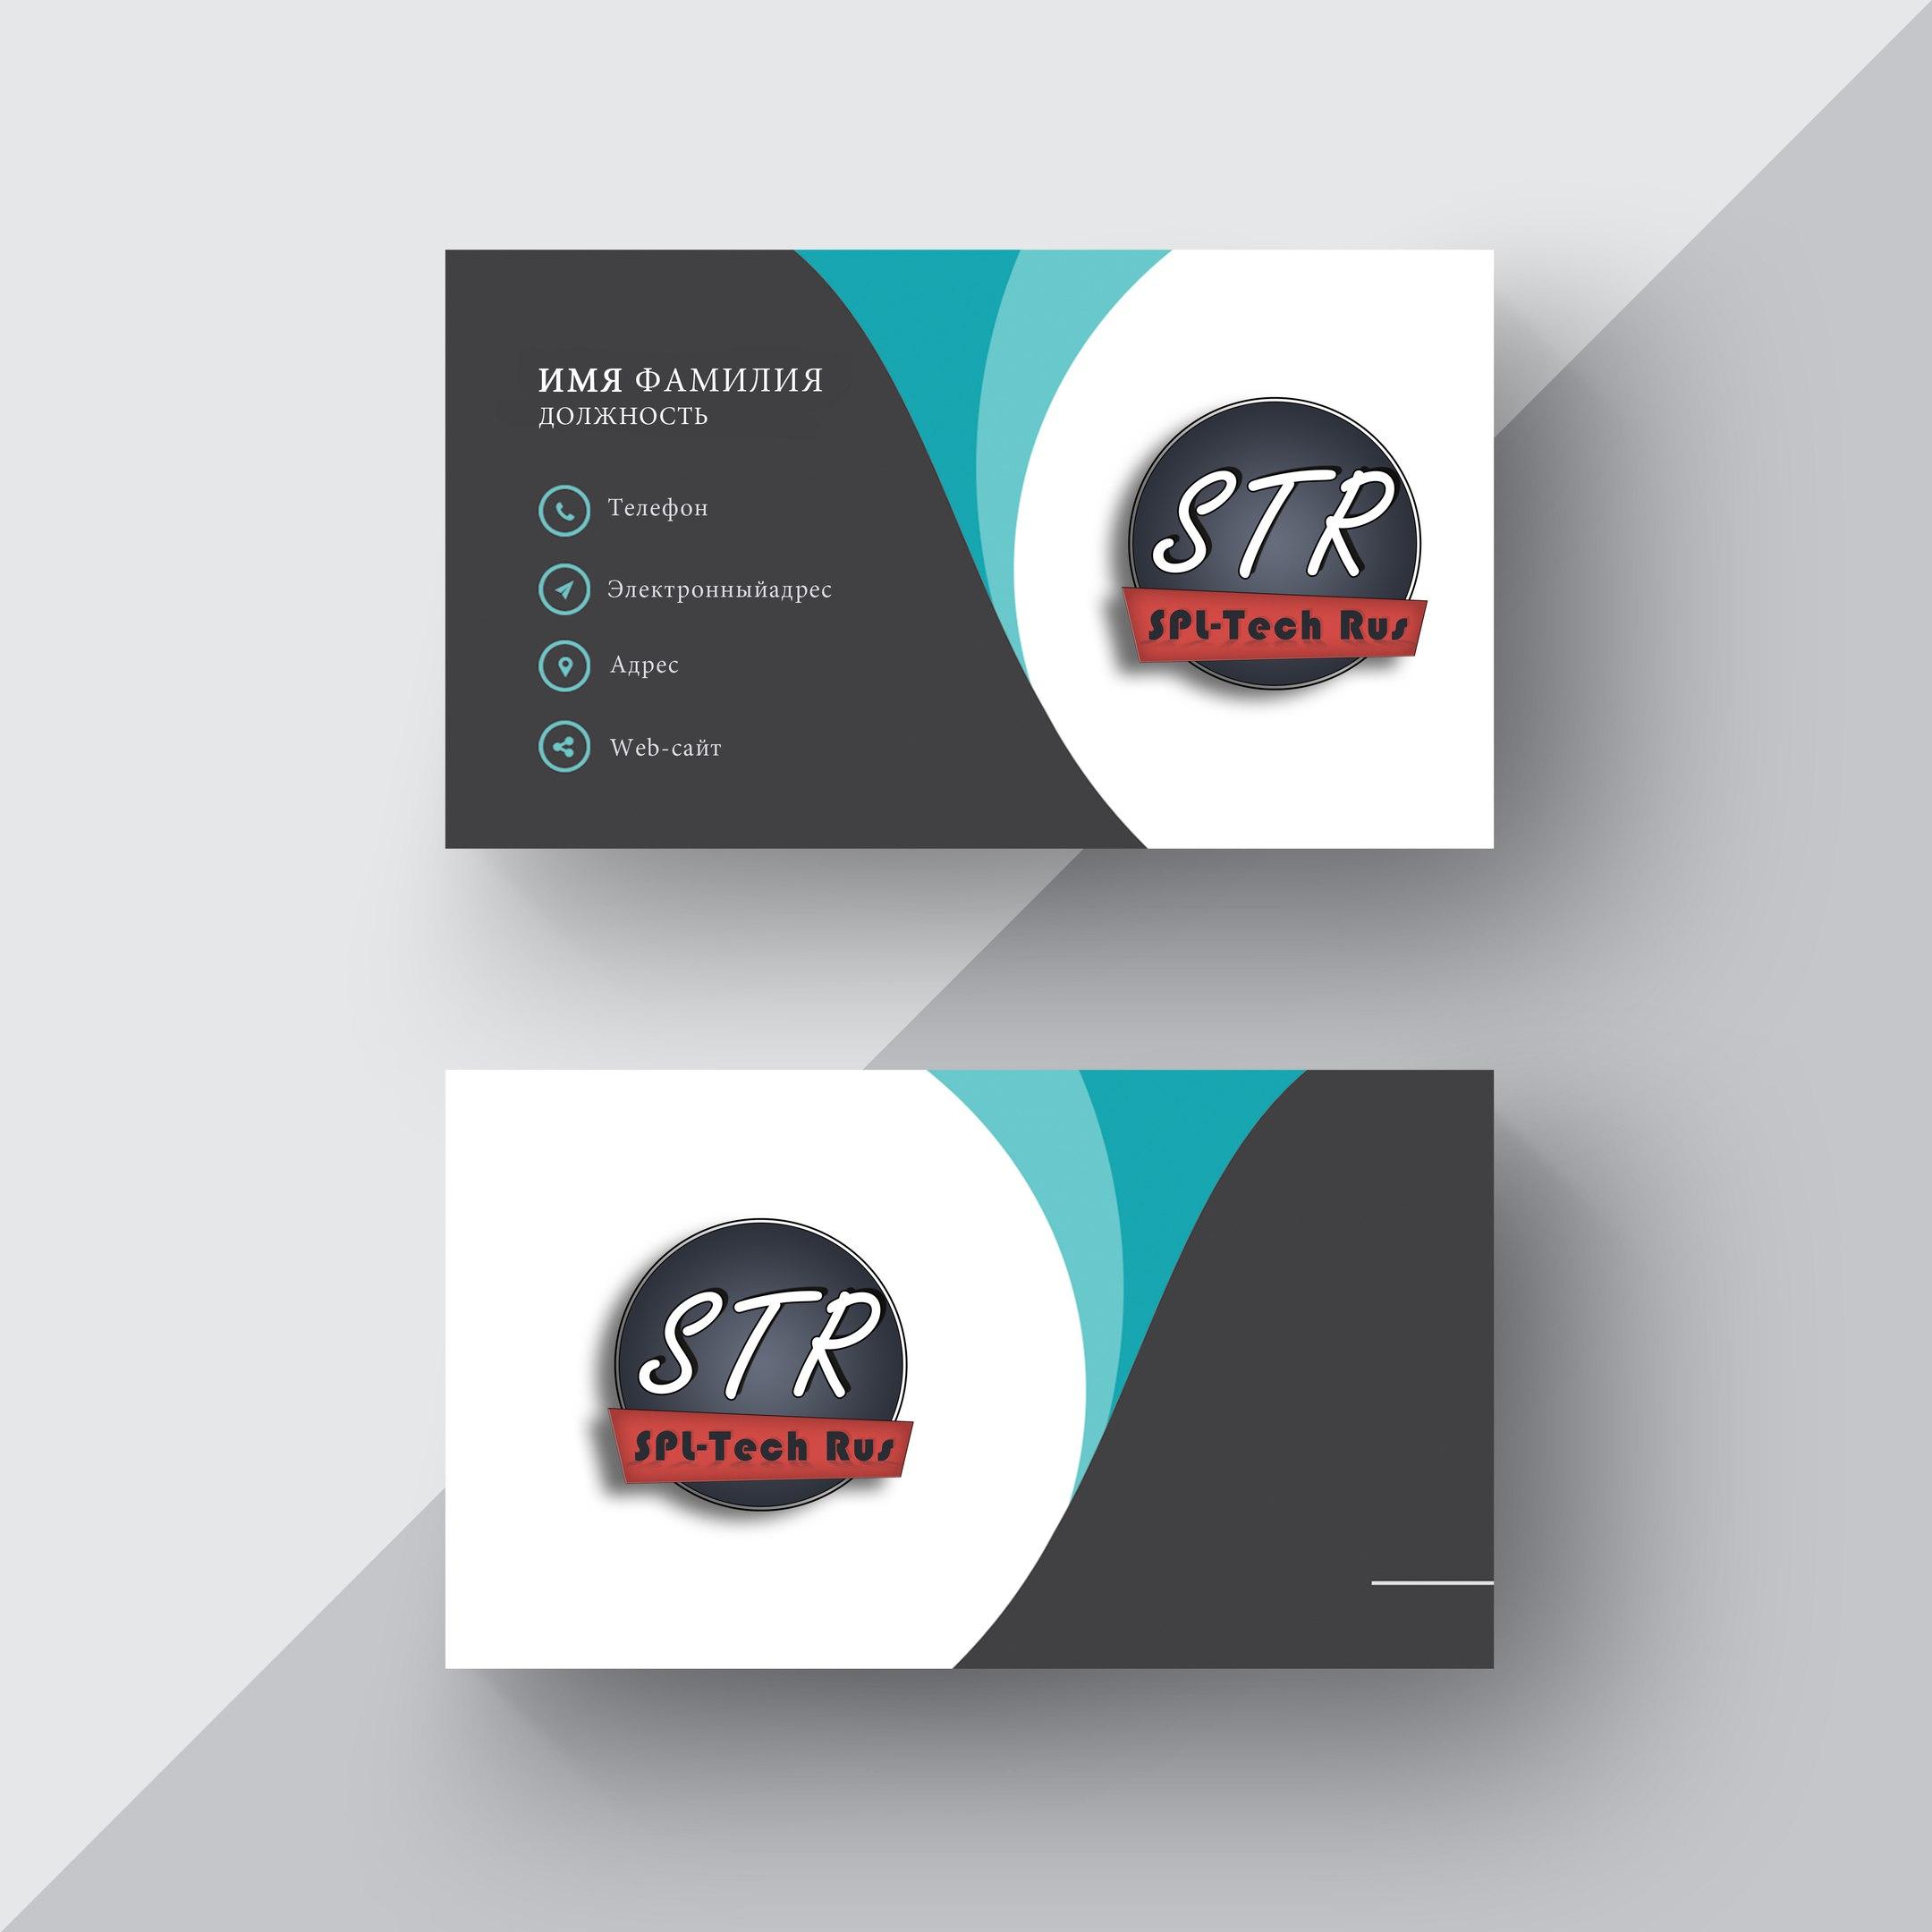 Разработка логотипа и фирменного стиля фото f_30859afd5accd93a.jpg